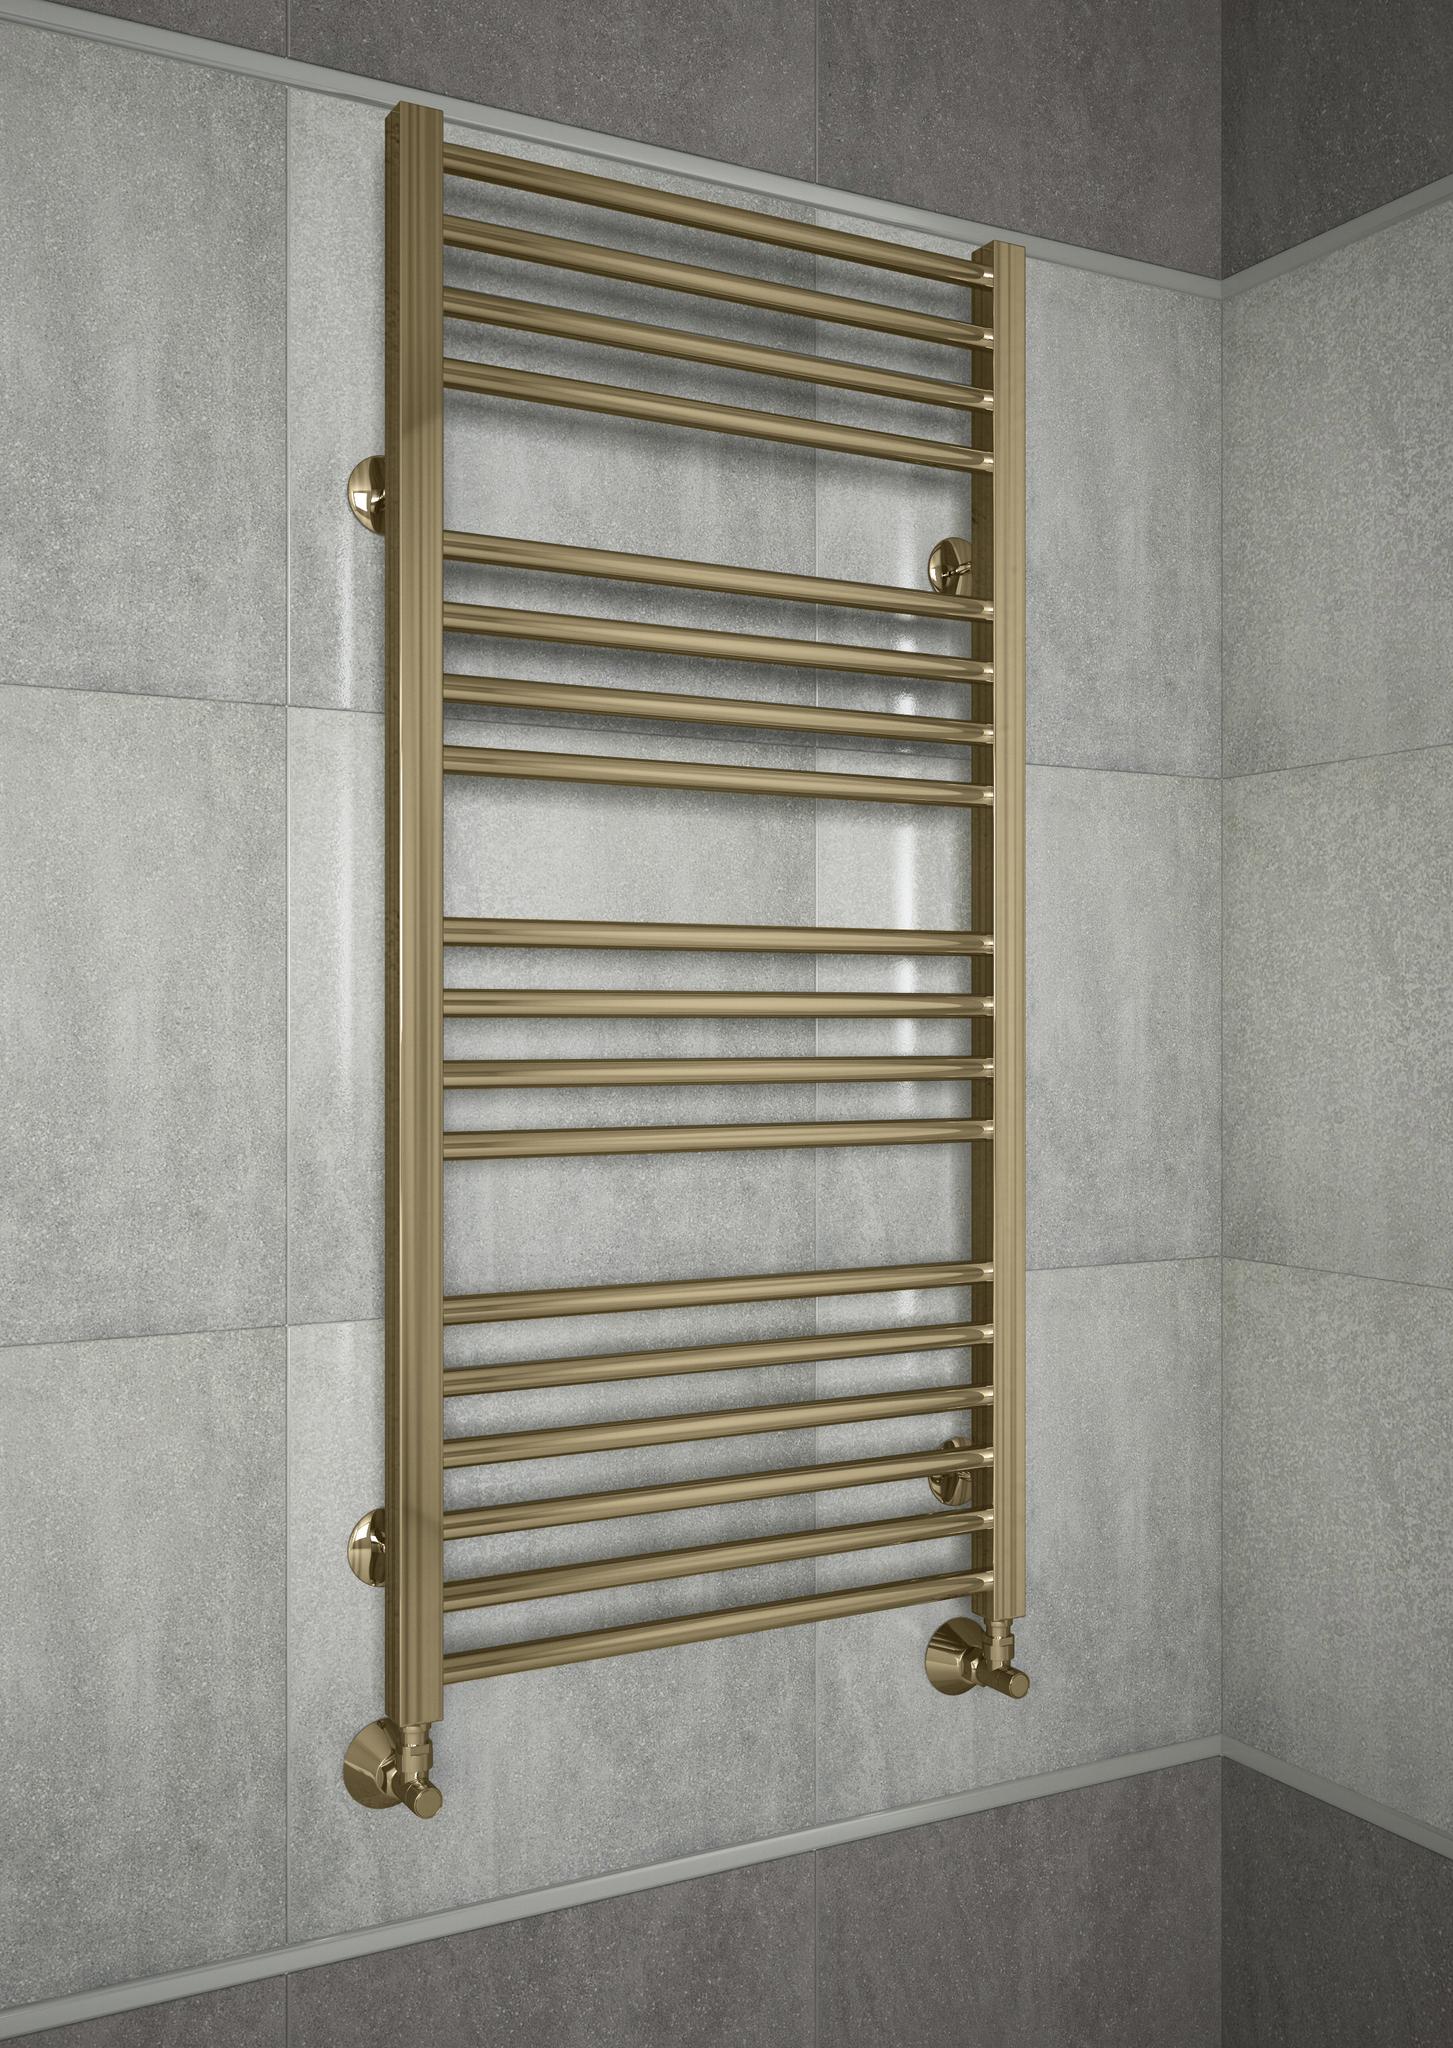 Sicilia E- бронзовый полотенцесушитель с квадратными вертикалями.